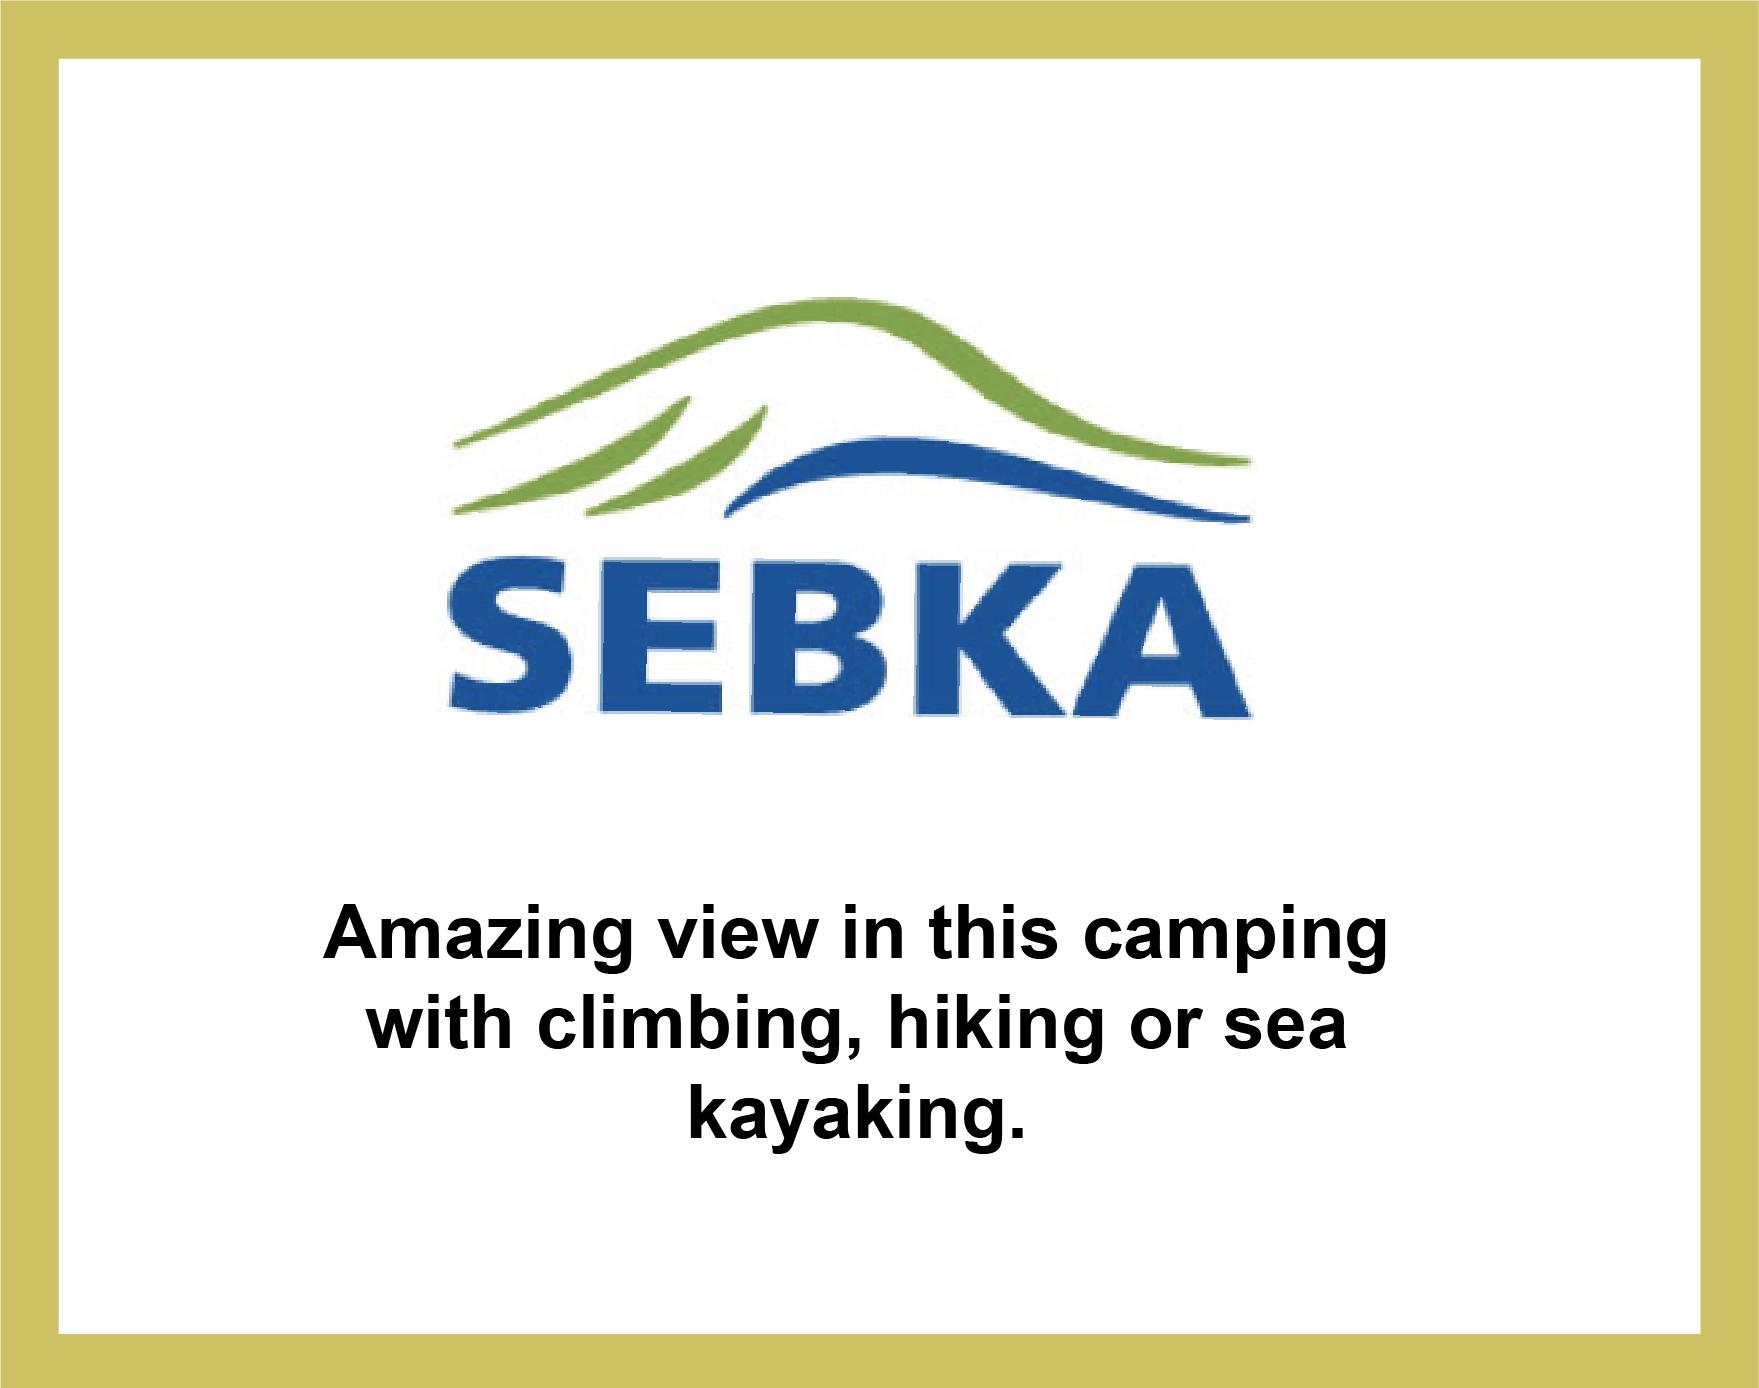 Partenariat avec Sebka, campings avec des activités de plein air